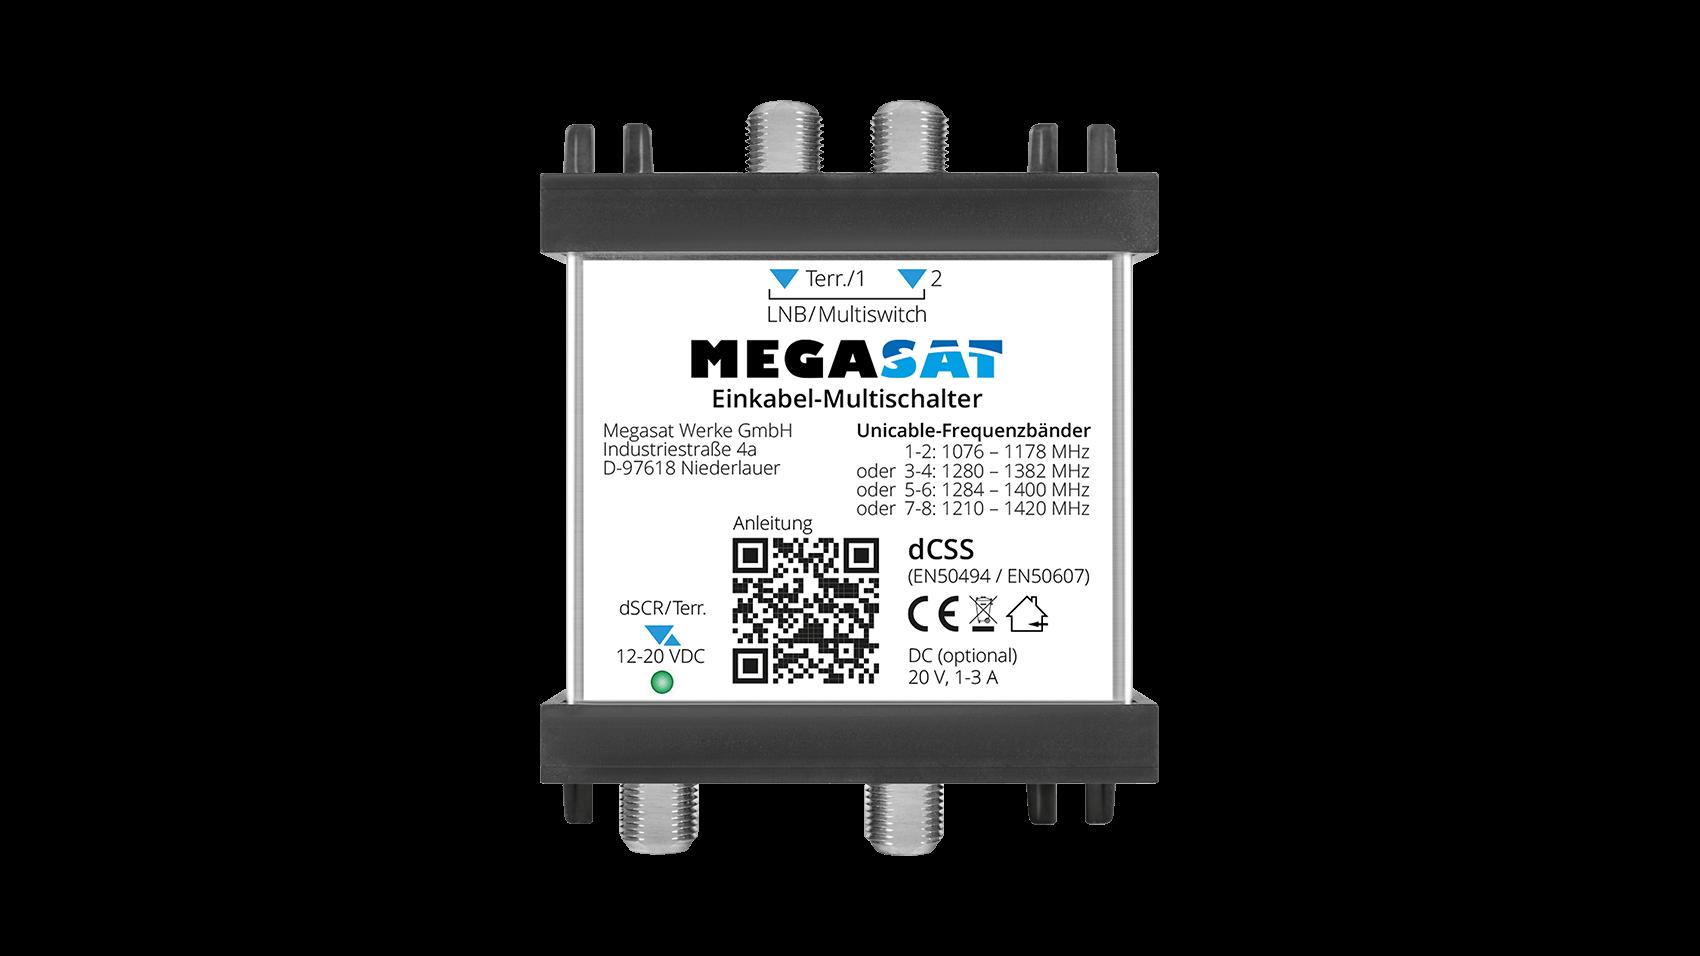 megasat_einkabel_multischalter_frontansicht